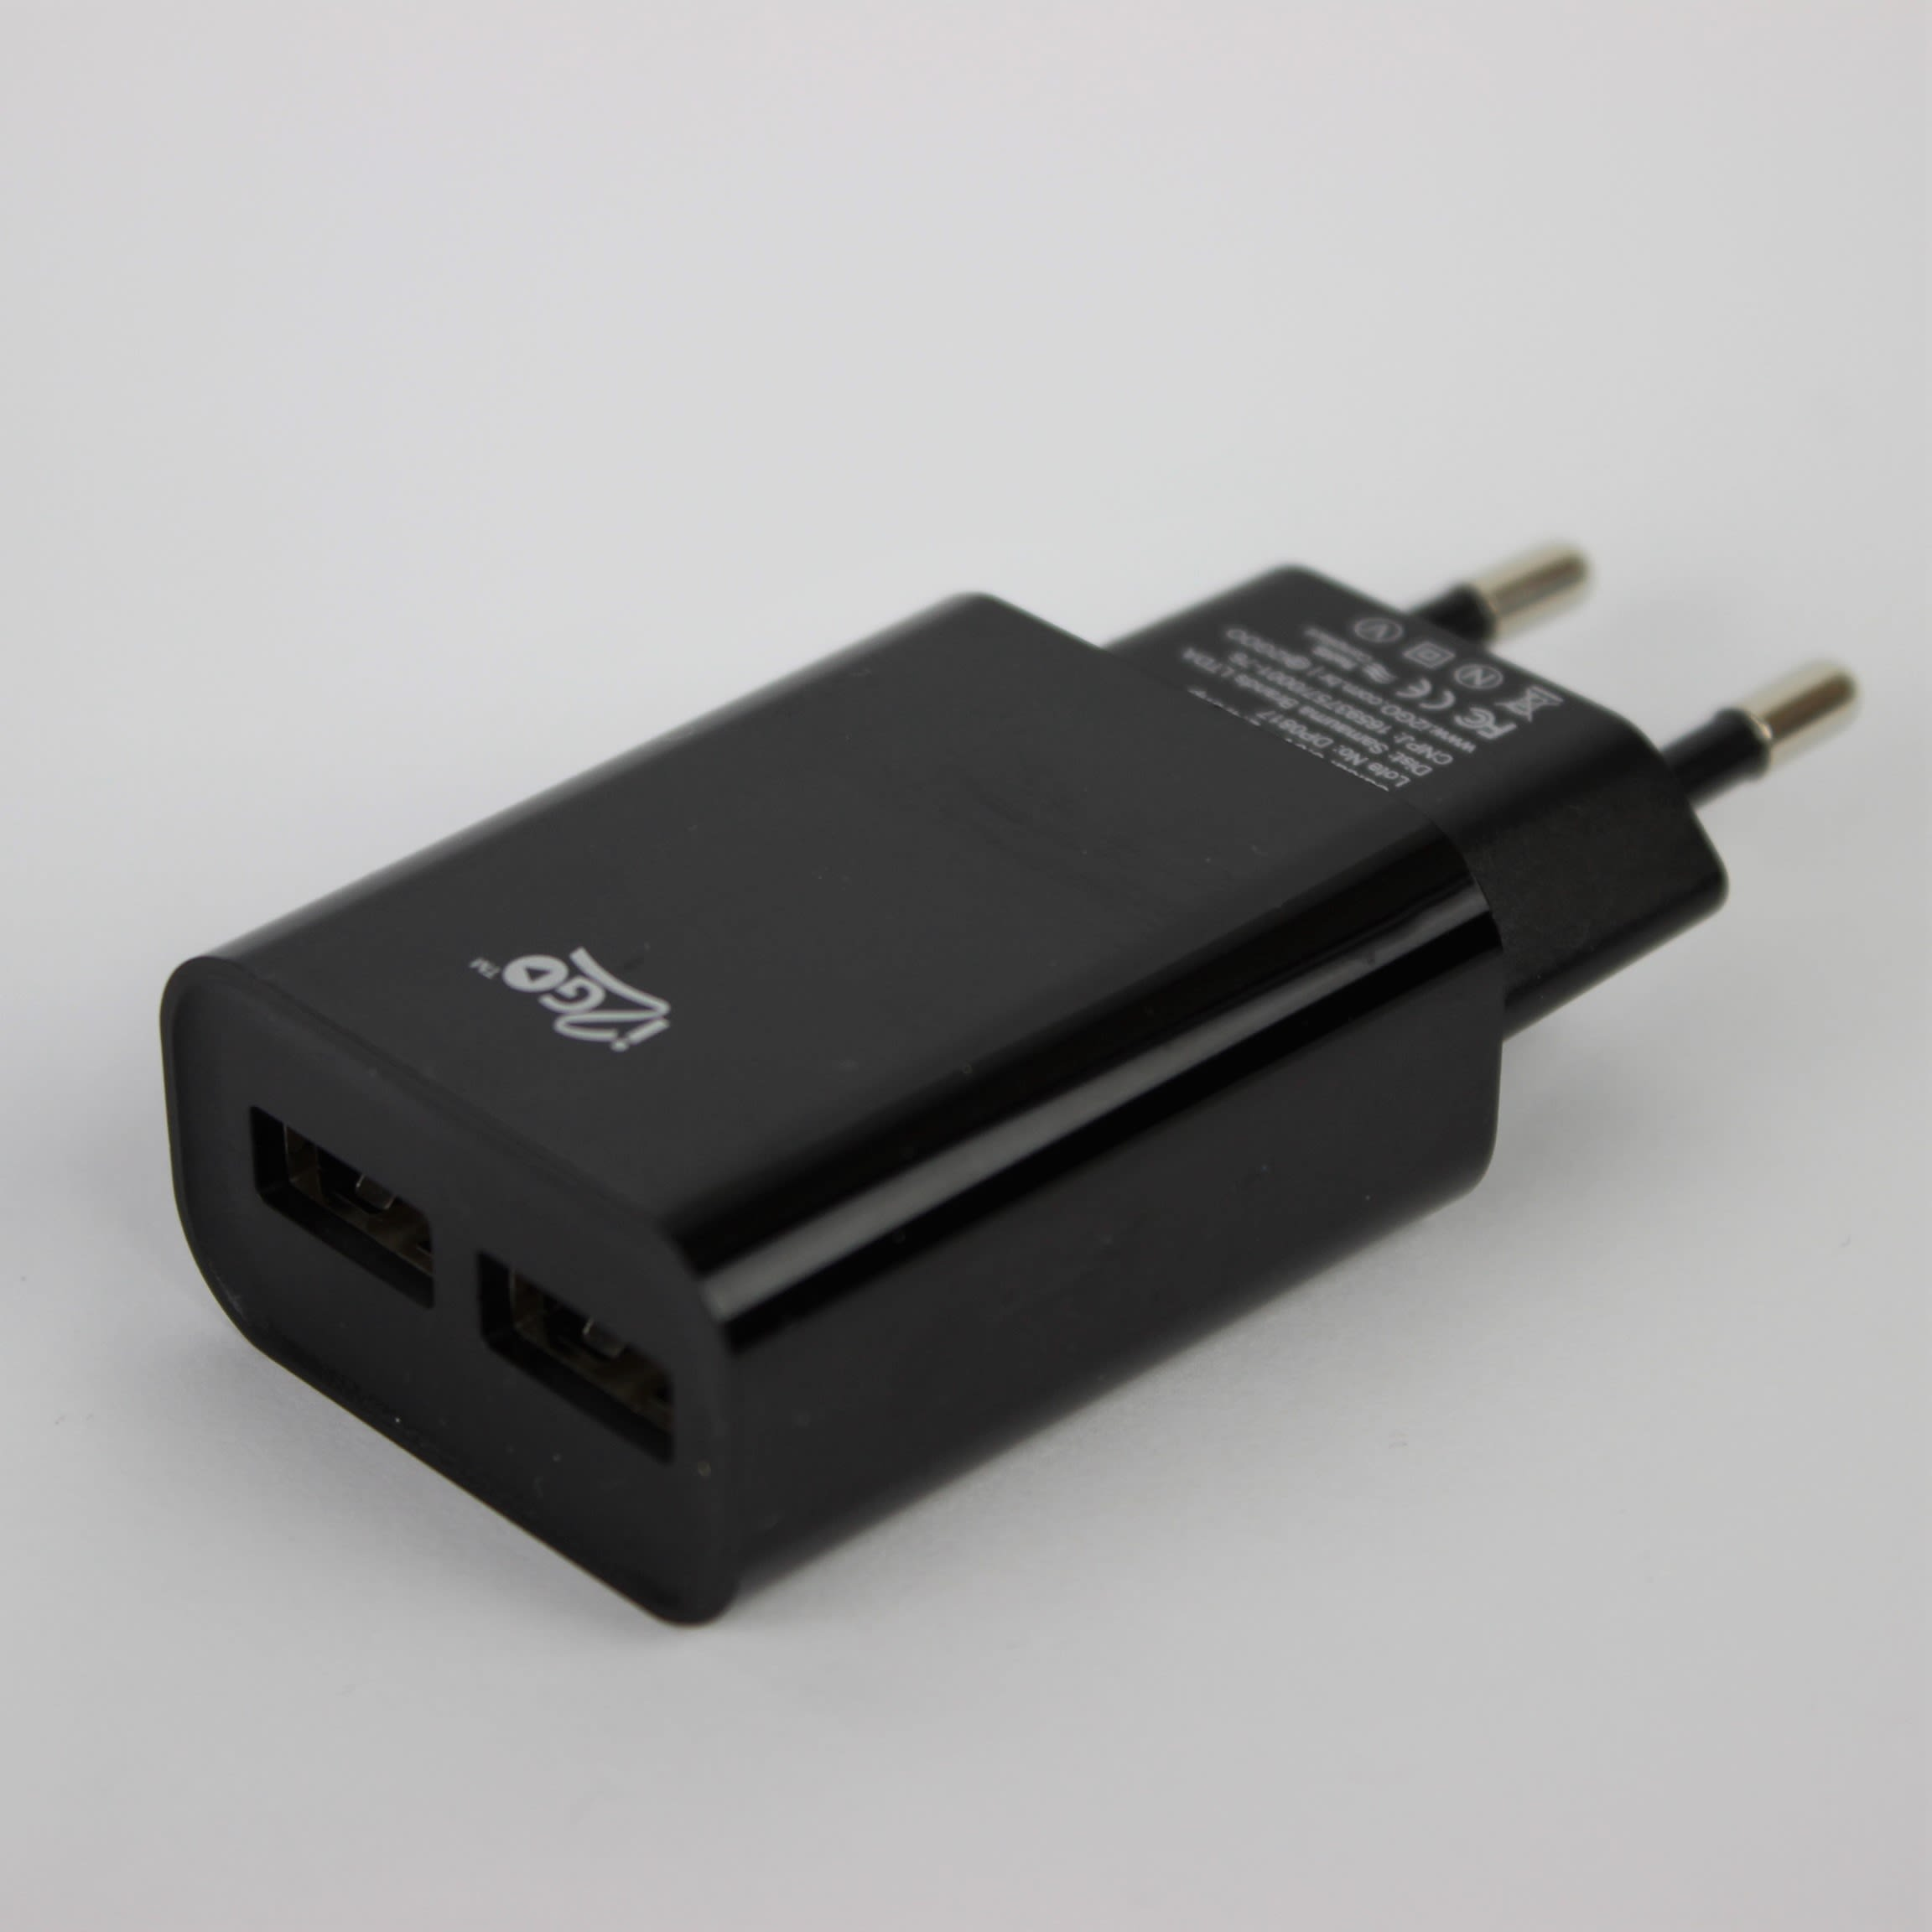 Carregador i2GO PLUS Parede 2 USB 2.4A - preto